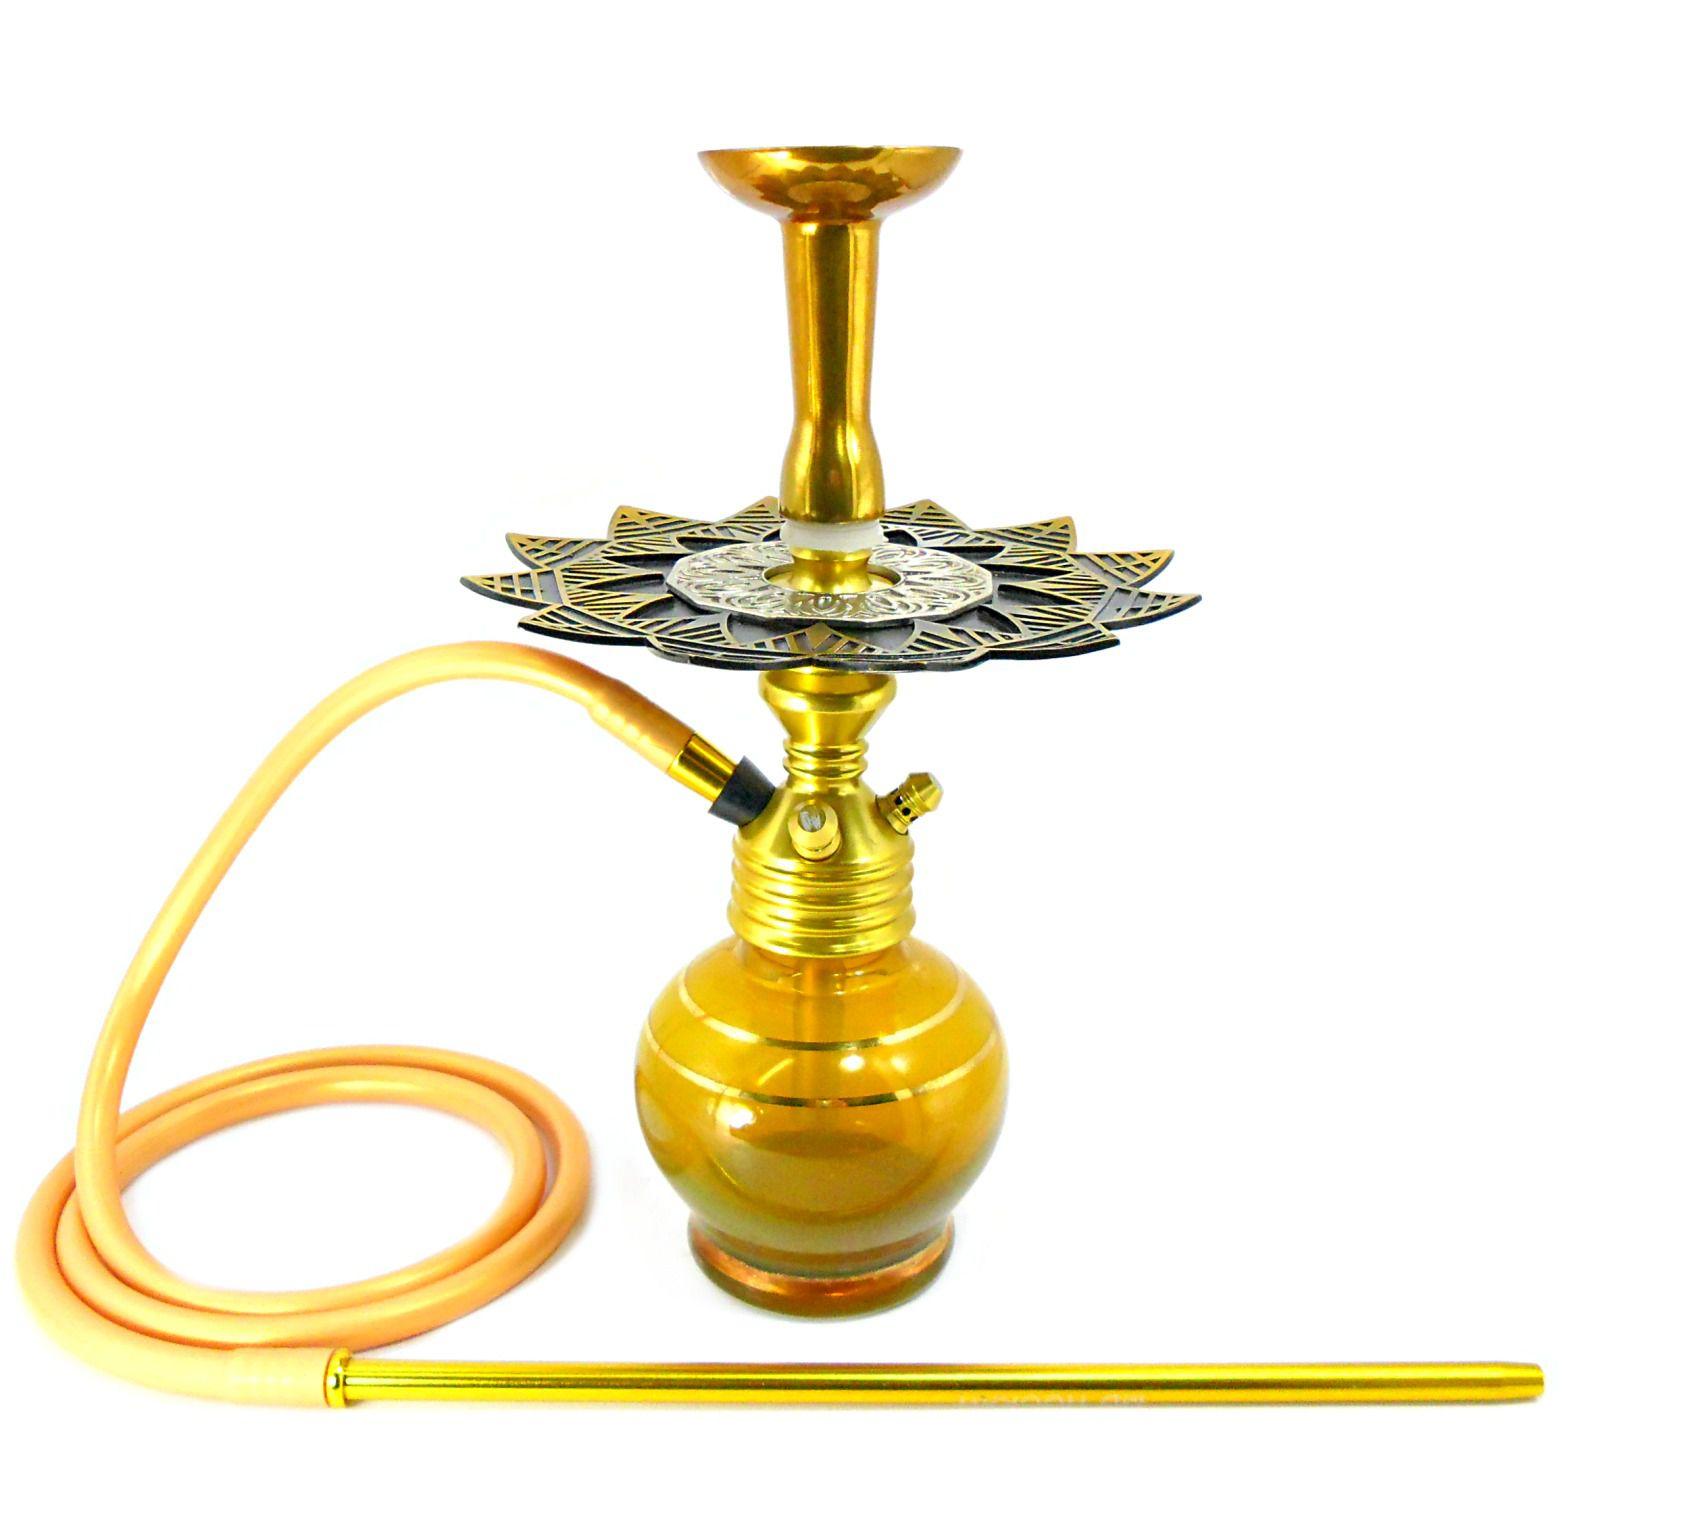 Narguile Fulgore X Dourado, vaso Kimo Ball, prato Ébano, mangueira silicone, piteira e rosh de alumínio dourado